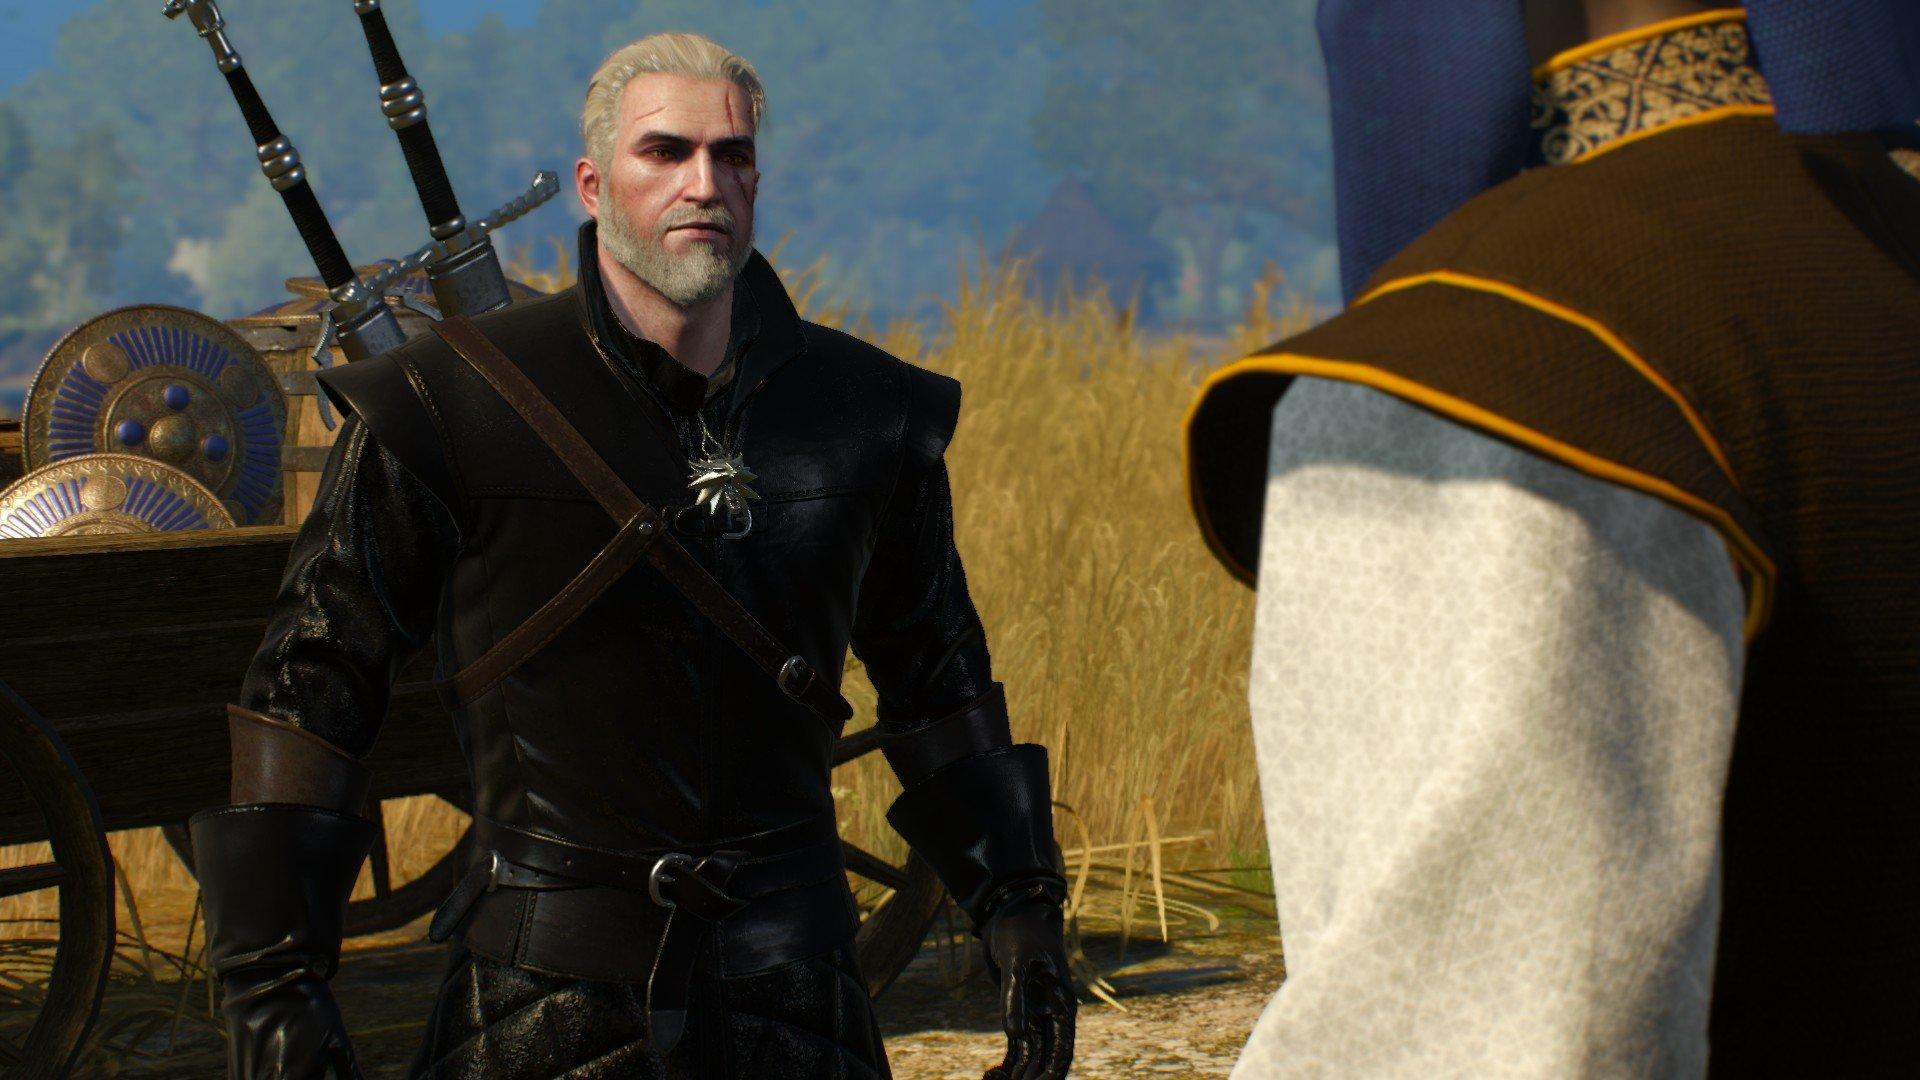 The Witcher 3: Wild Hunt. Сборщик налогов.   В игре Ведьмак 3: Дикая Охота есть некоторое количество эксплойтов (быс ... - Изображение 1